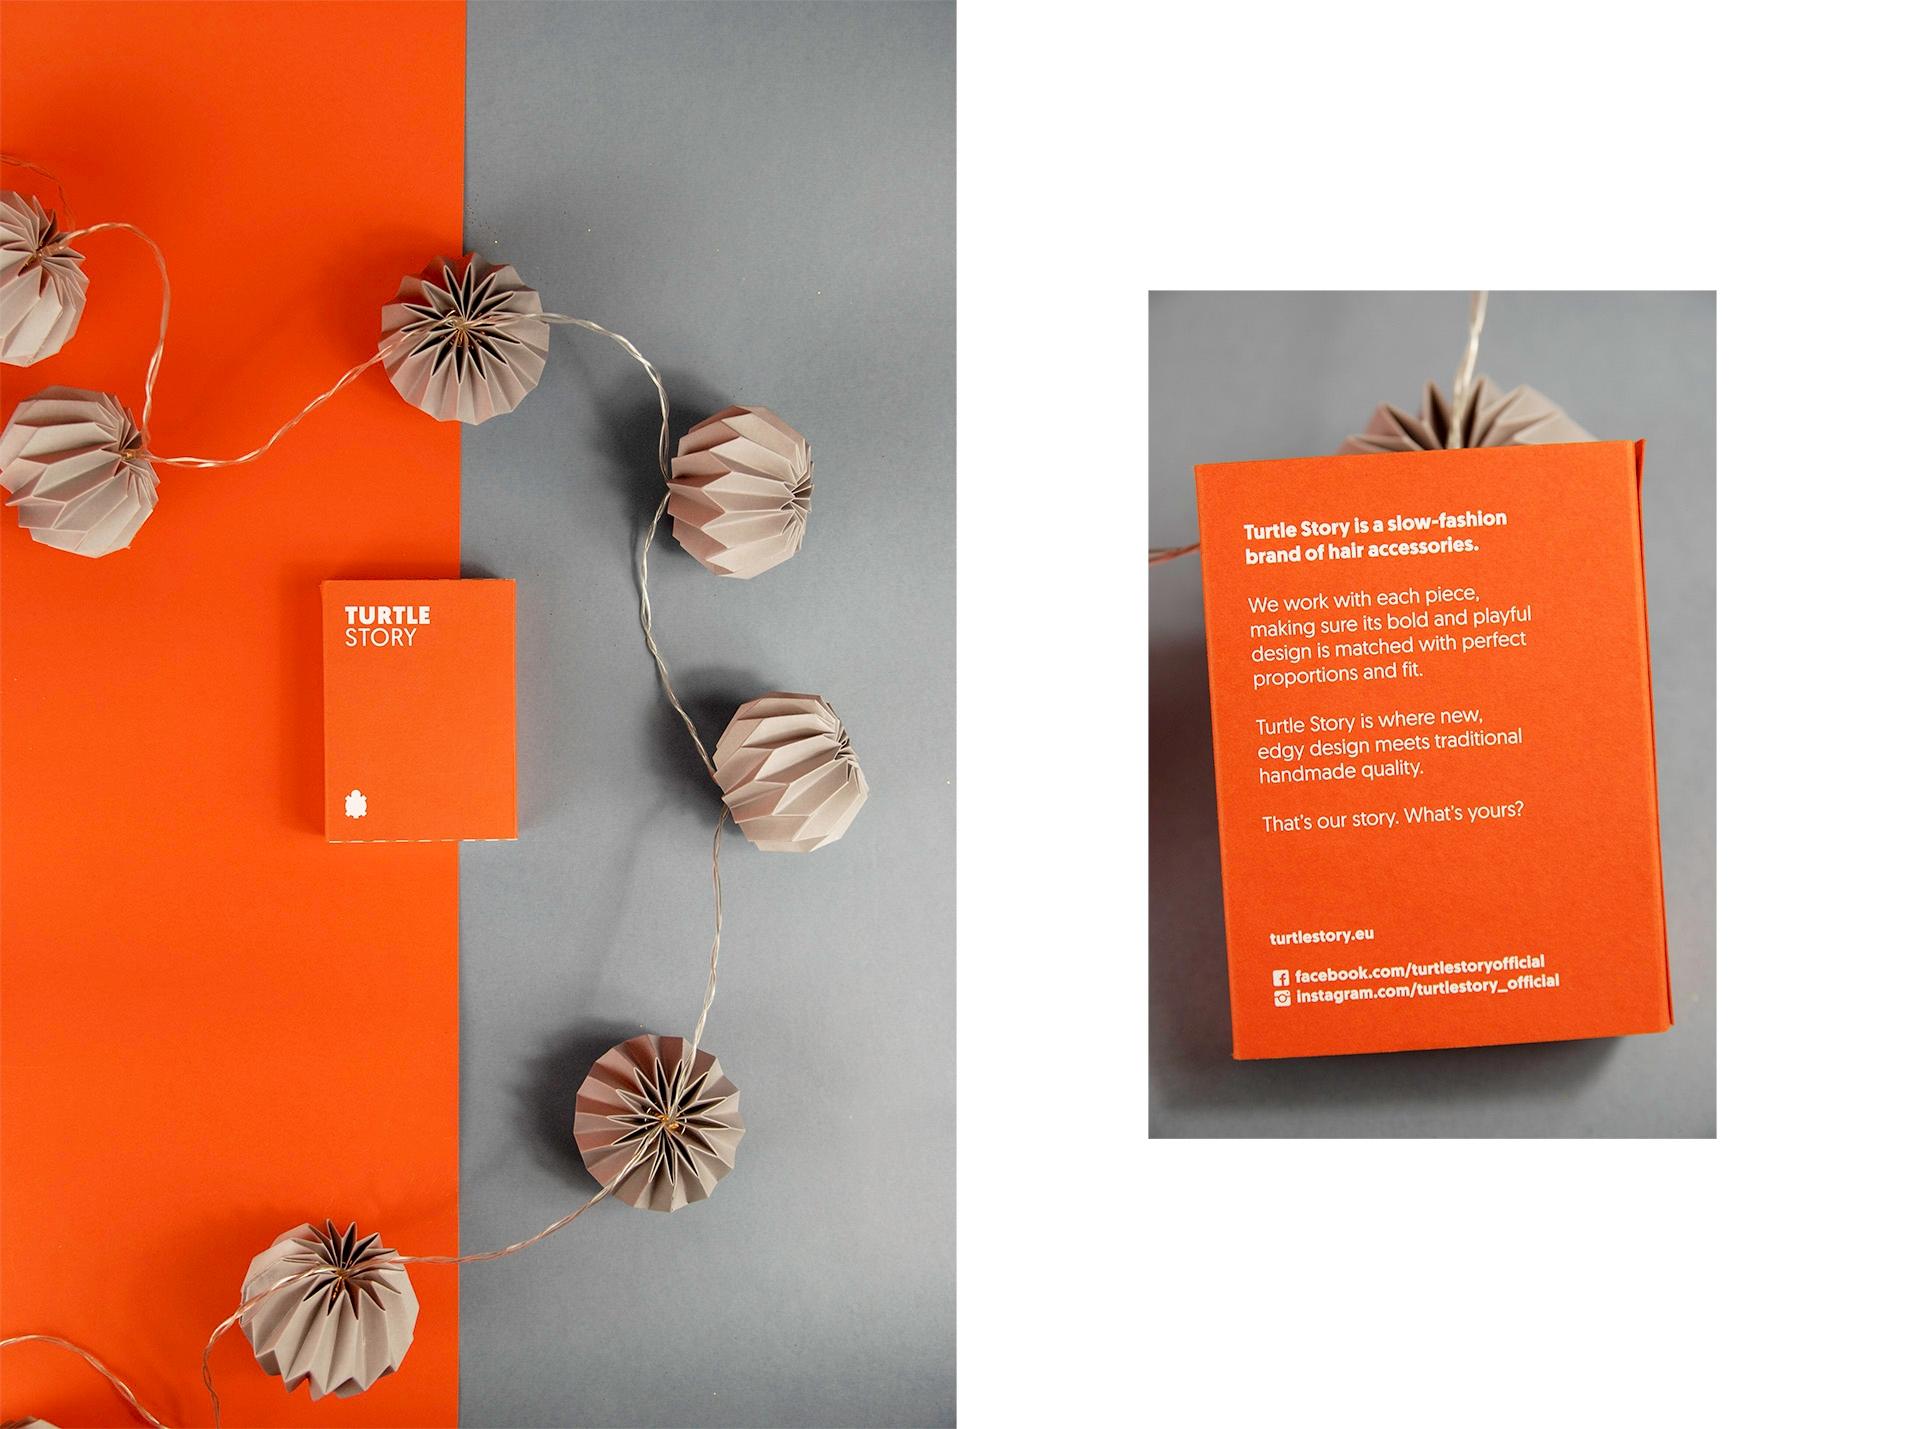 Obraz przedstawia dwa zdjęcia różnej wielkości. Na jednym widzimy pomarańczowe pudełko leżące na szaro-pomarańczowym podłożu w otoczeniu szarych, papierowych lampek. Na mniejszym zdjęciu widzimy zbliżenie na pudełko z białymi napisami.